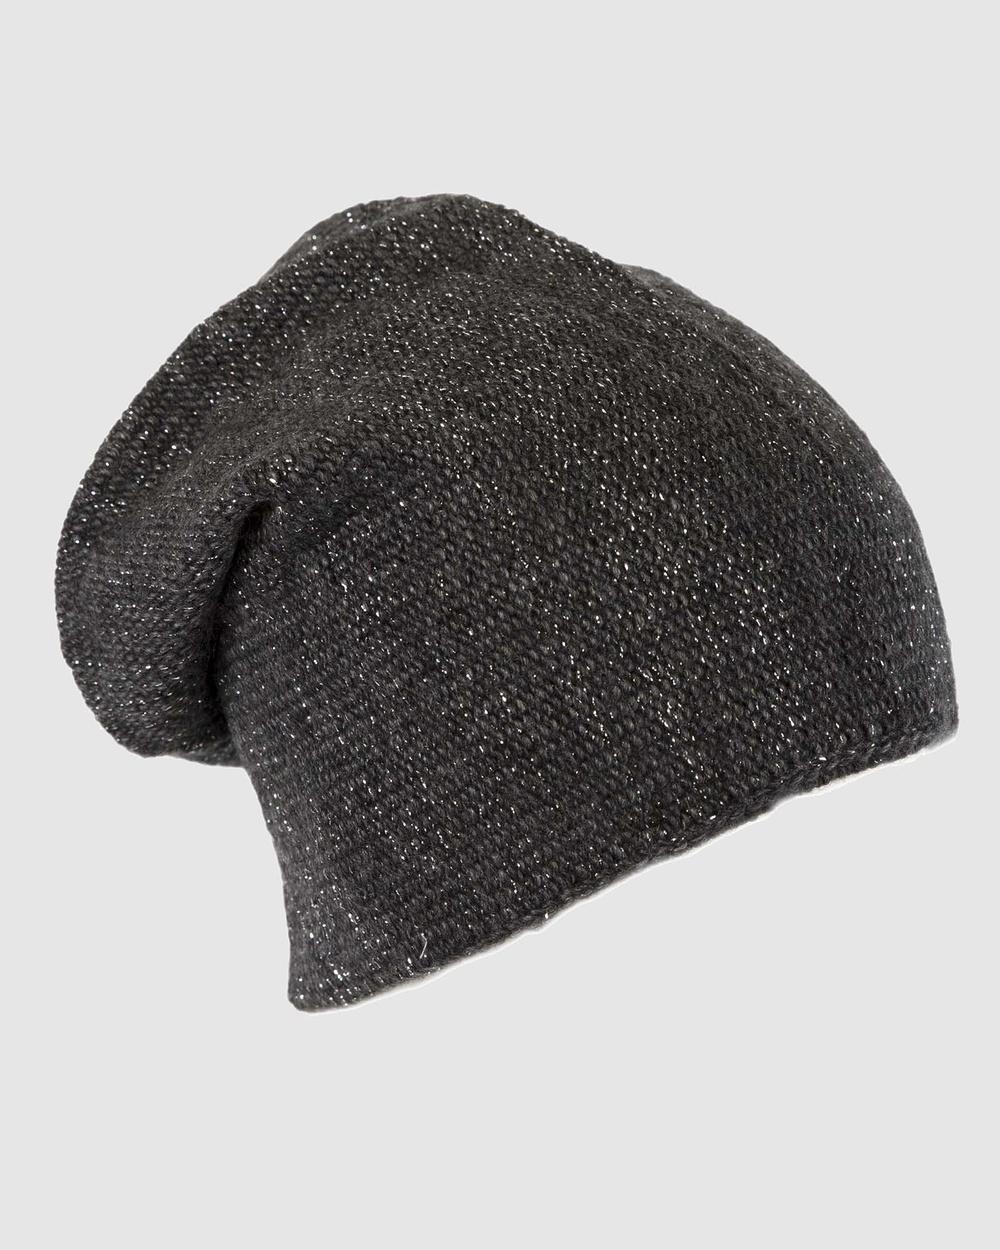 Max Alexander European Made Fashion Wool Beanie Headwear Black